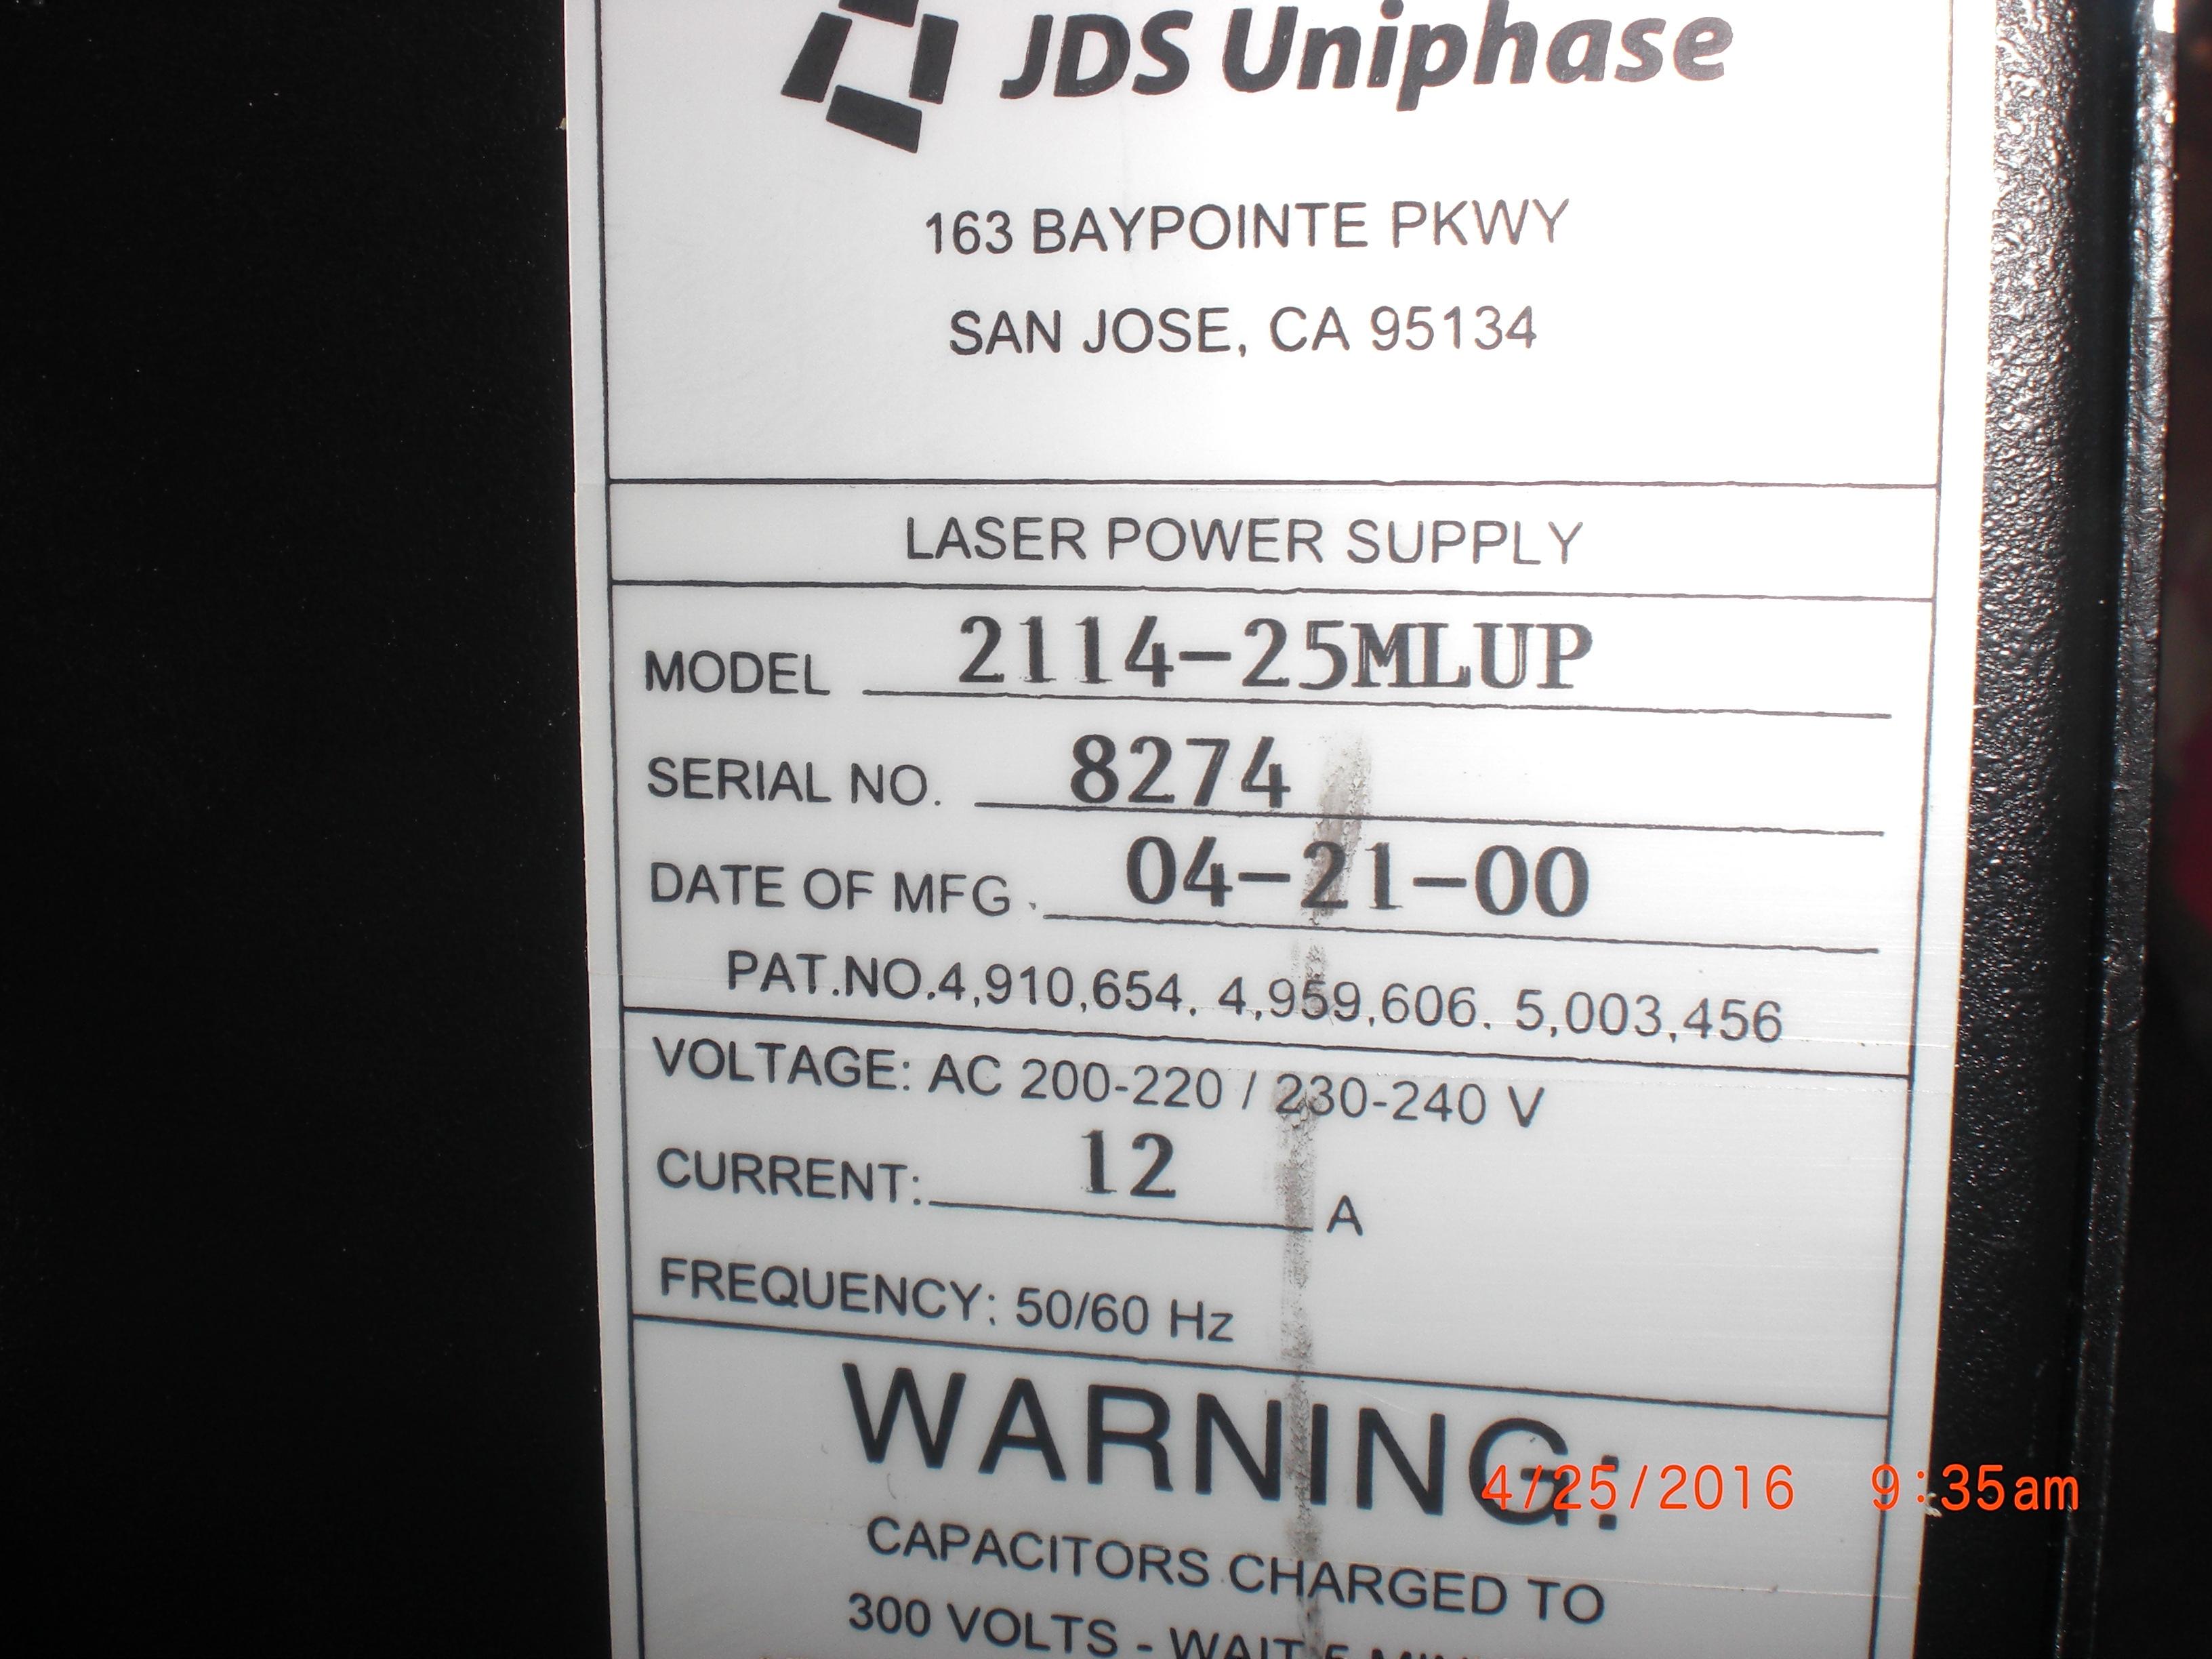 Power Supply  JDS UNIPHASE 2114-25MLUP Laser CRS1010 KLA-TENCOR